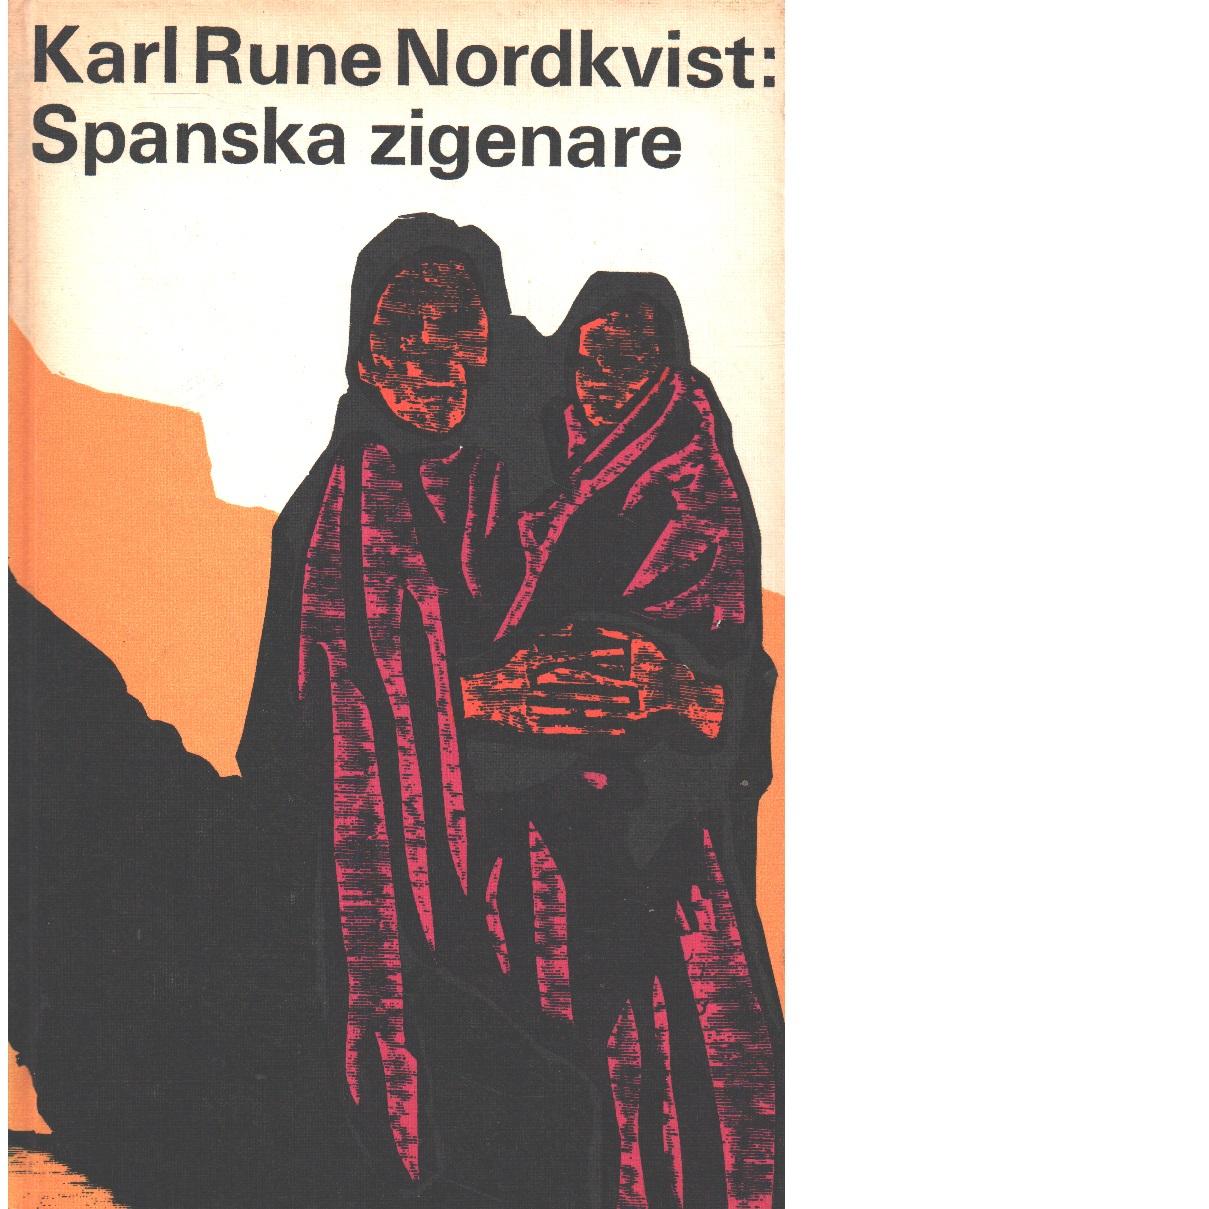 Spanska Zigenare - Nordkvist, Karl Rune